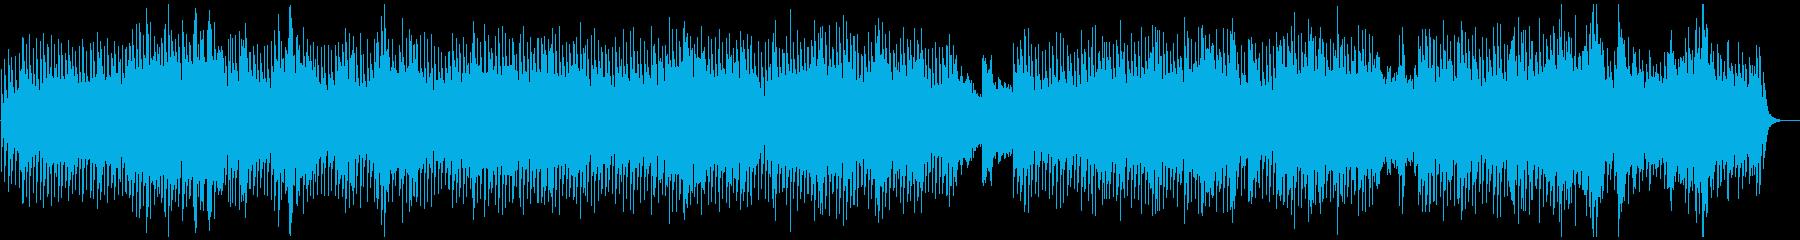 神秘的で広大なシンセサイザーアンビエントの再生済みの波形